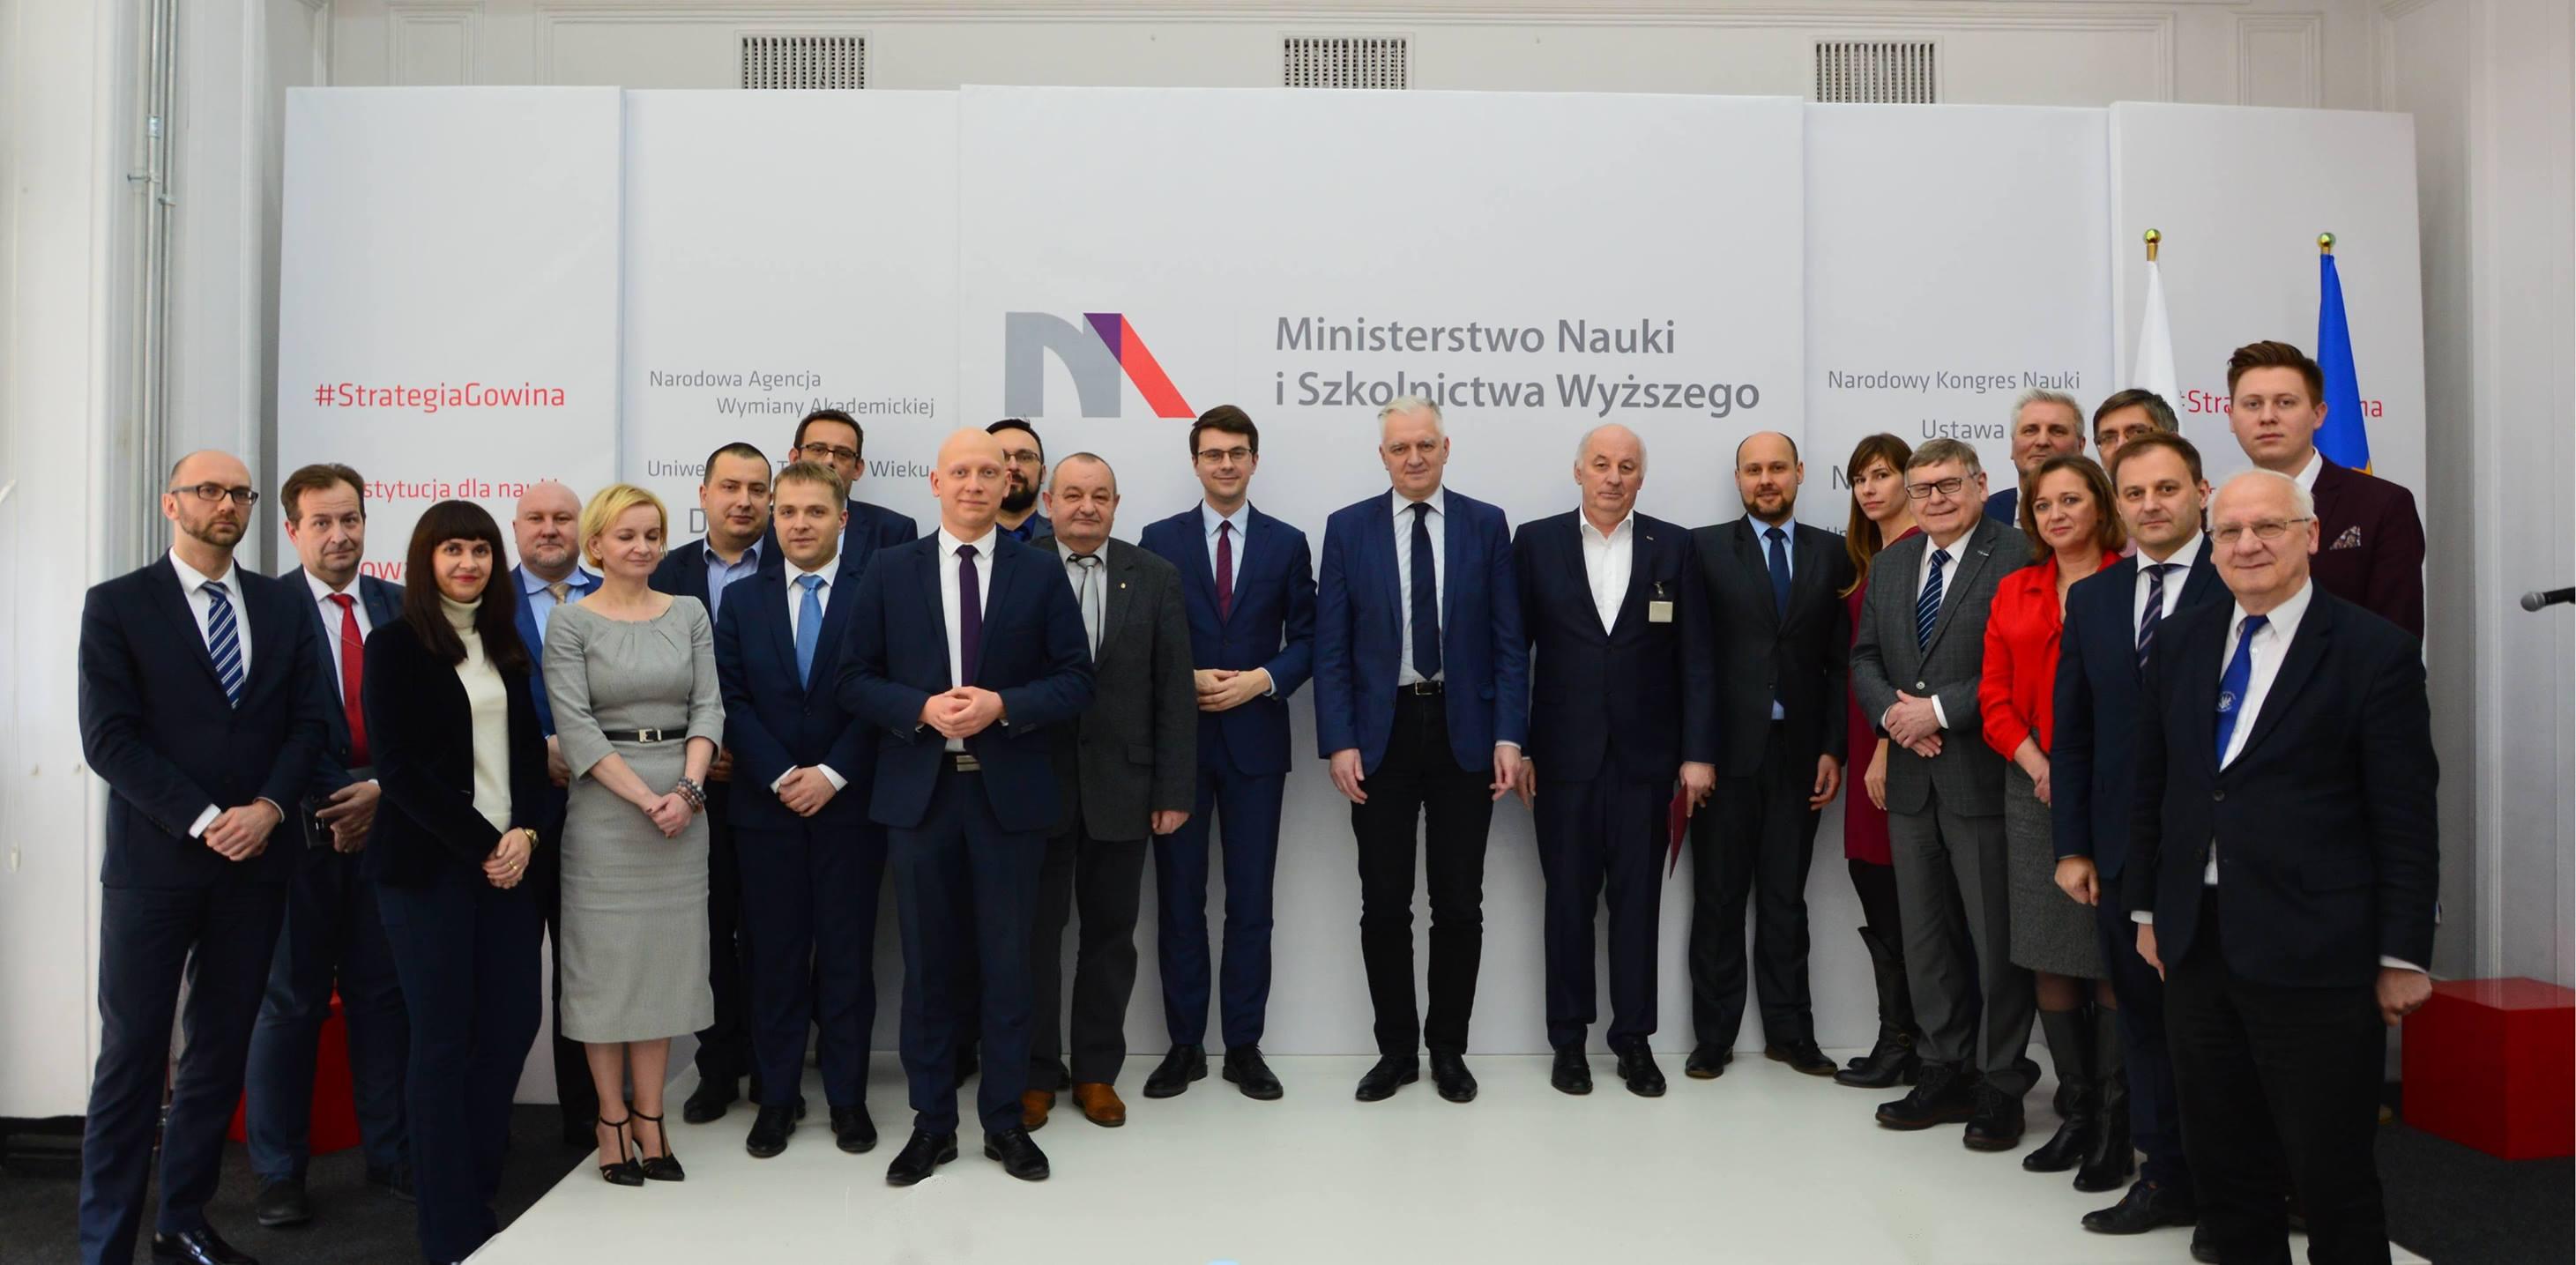 Zespół ds. monitorowania wdrażania reformy nauki i szkolnictwa wyższego powołany!